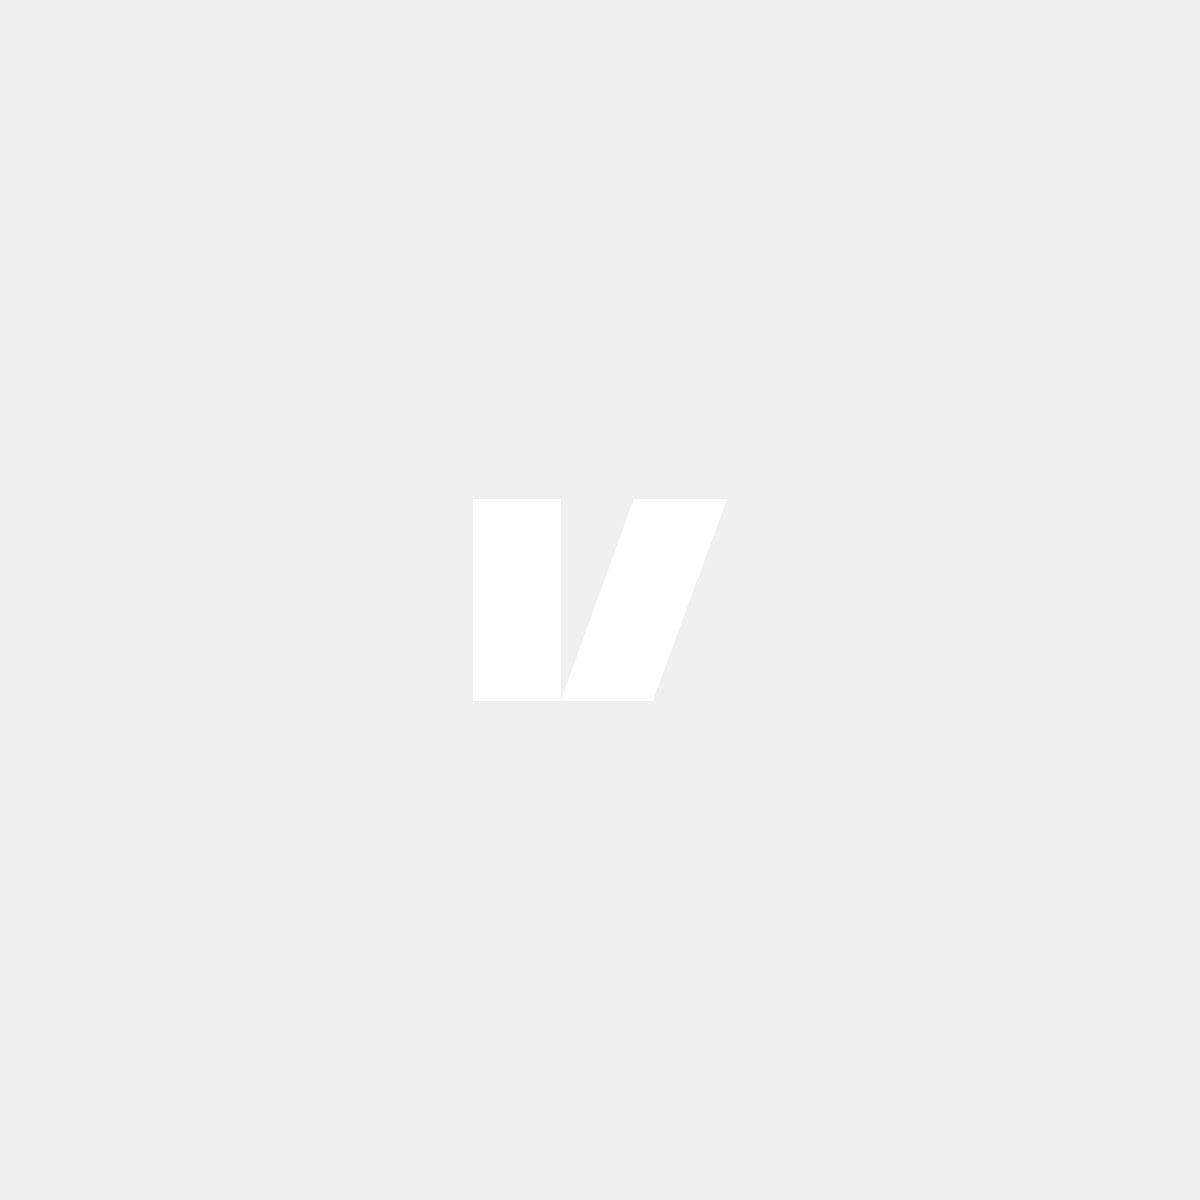 Dragkrok till Volvo V70 08-15 nivåreg, XC70 08-15 ej nivåreg, avtagbar kula